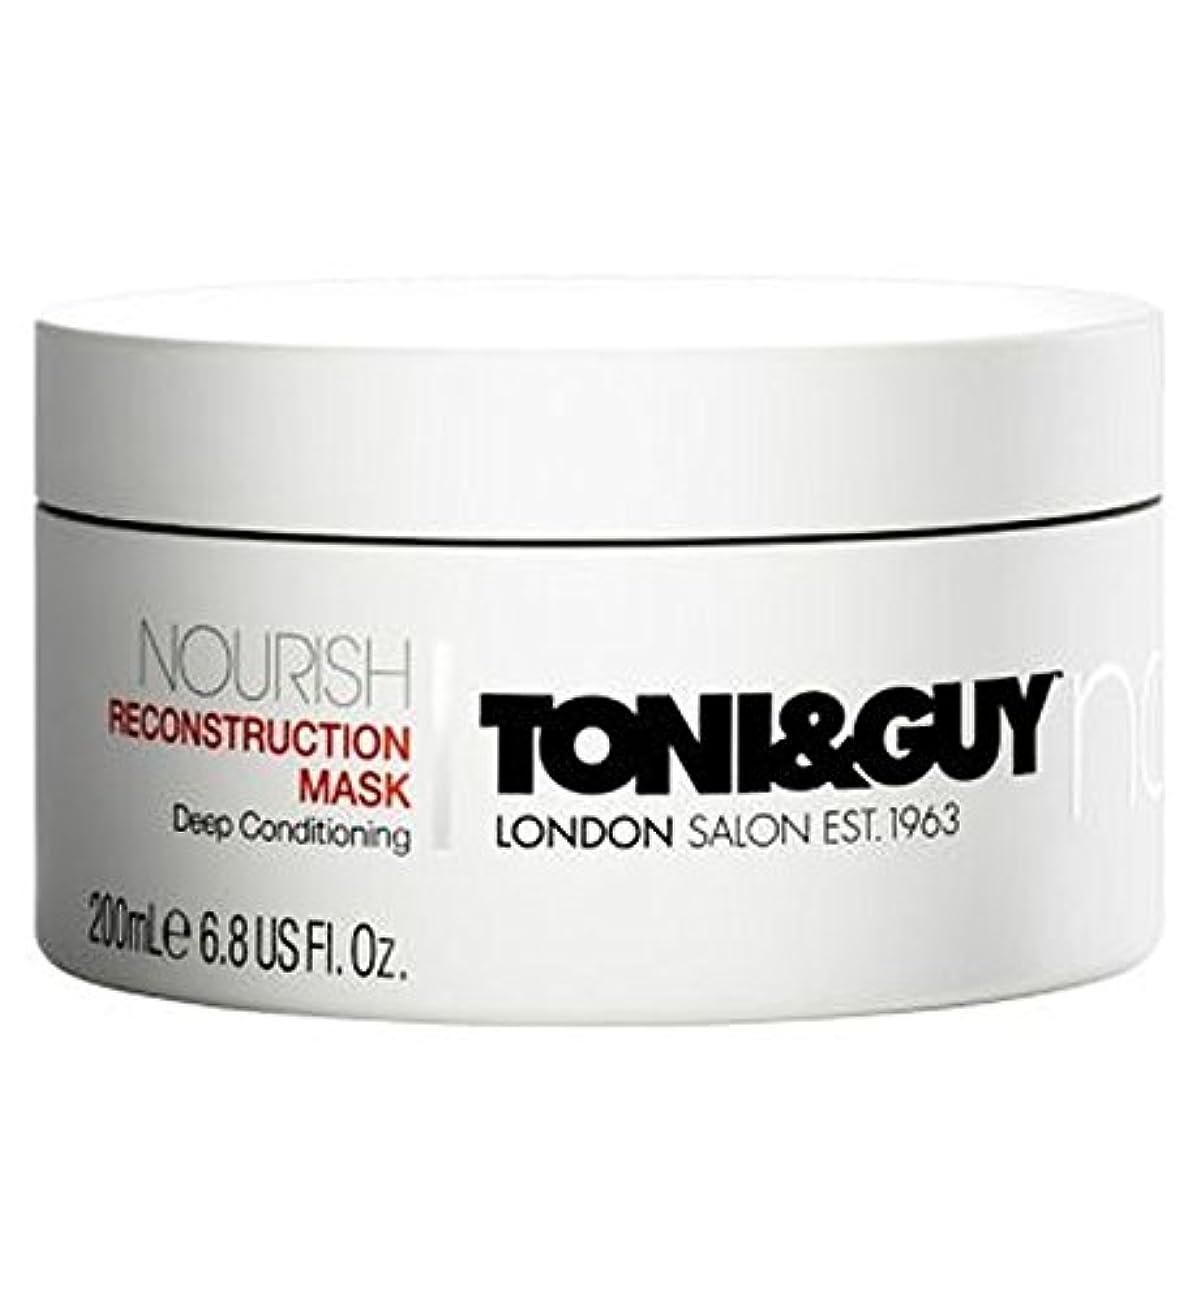 優しさの間に侵入Toni&Guy Nourish Reconstruction Mask 200ml - トニ&男は復興マスク200ミリリットルを養います (Toni & Guy) [並行輸入品]